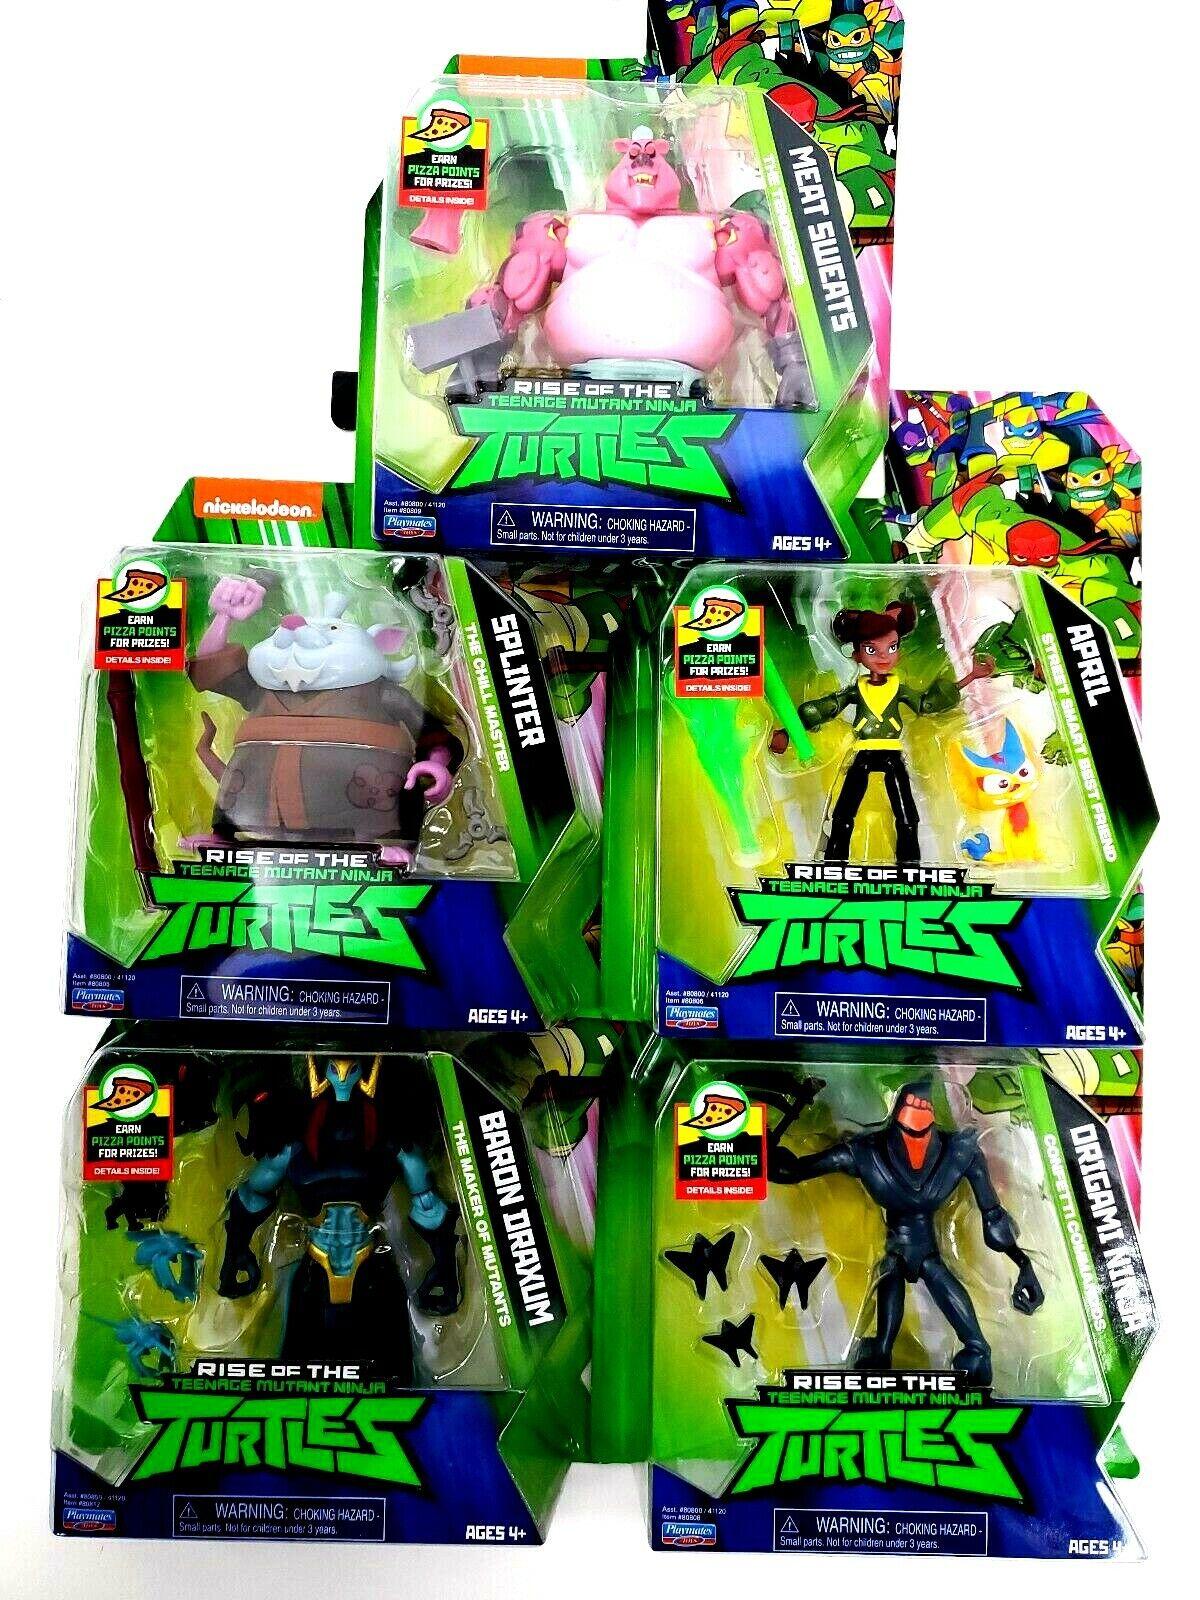 Nickelodeon TMNT CHOICE Teenage Mutant Ninja Turtles Action Figures Sealed